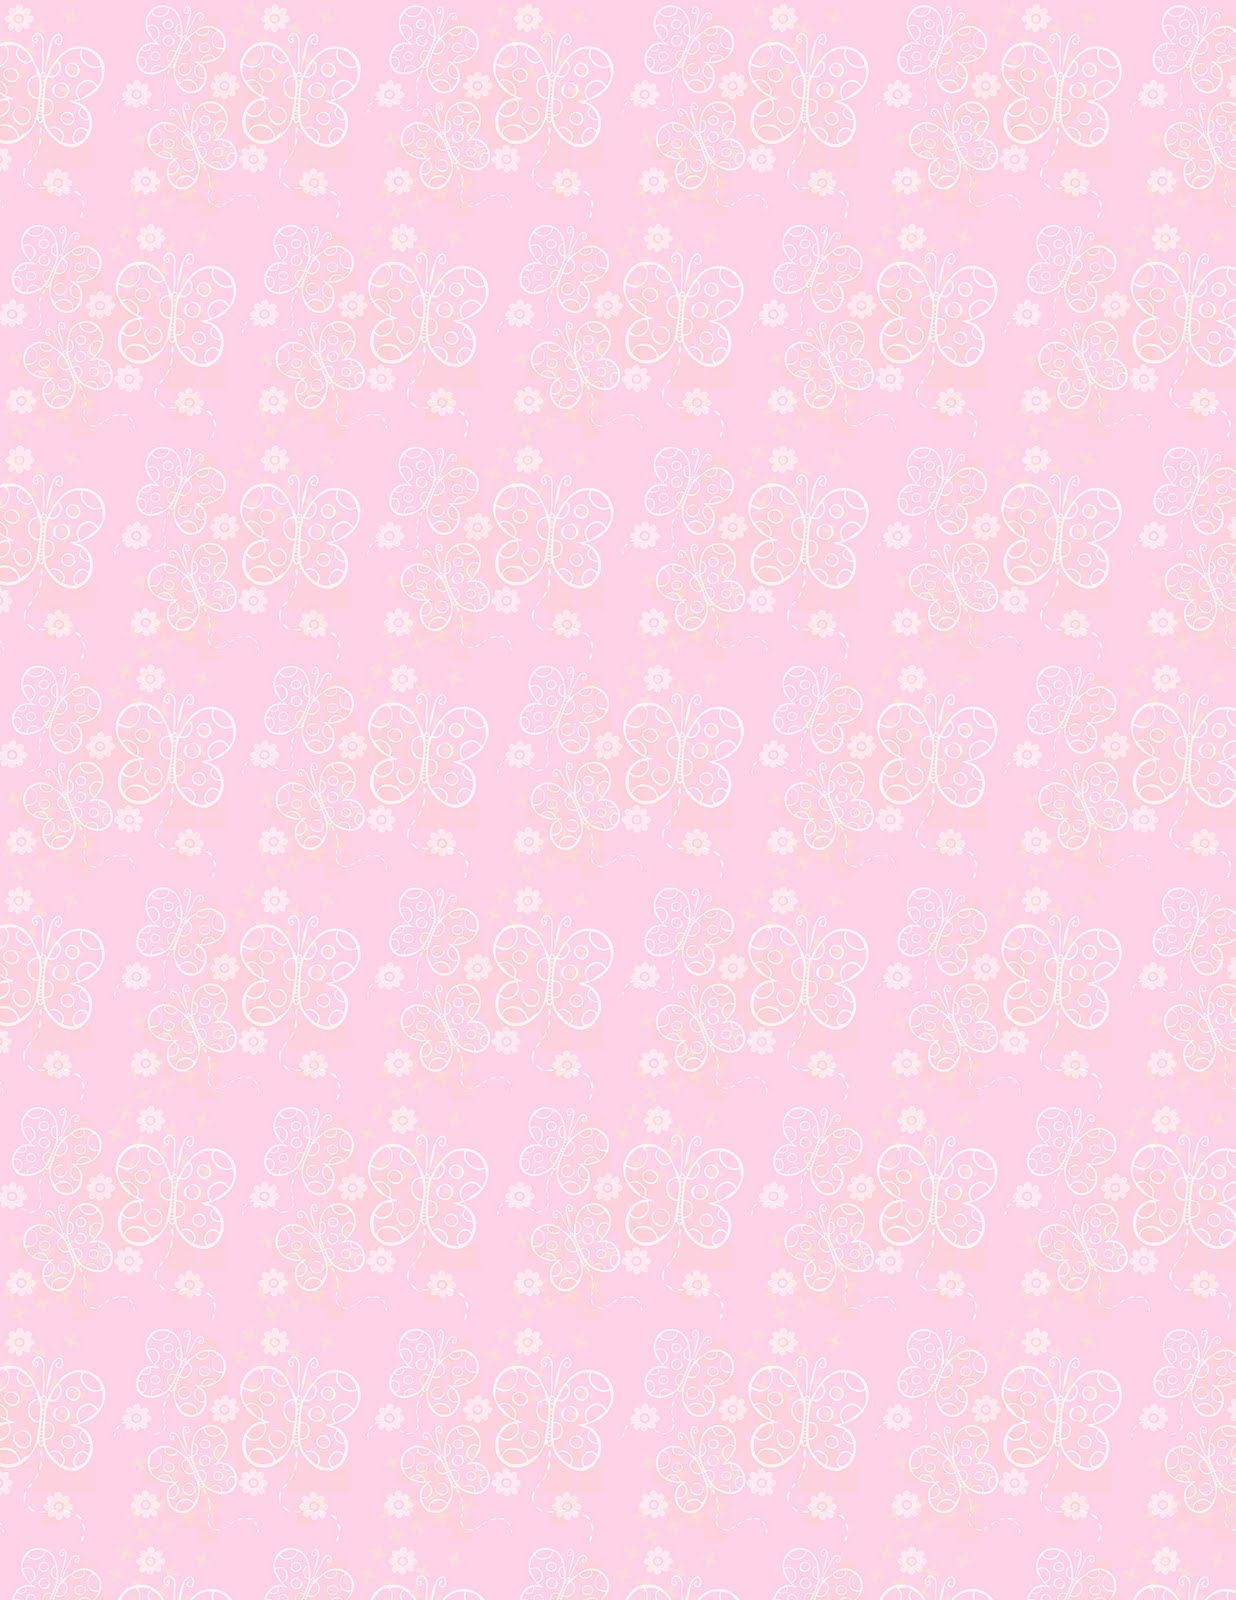 Pink Butterfly Backgrounds Free Scrapbooking Supplies Butterflies